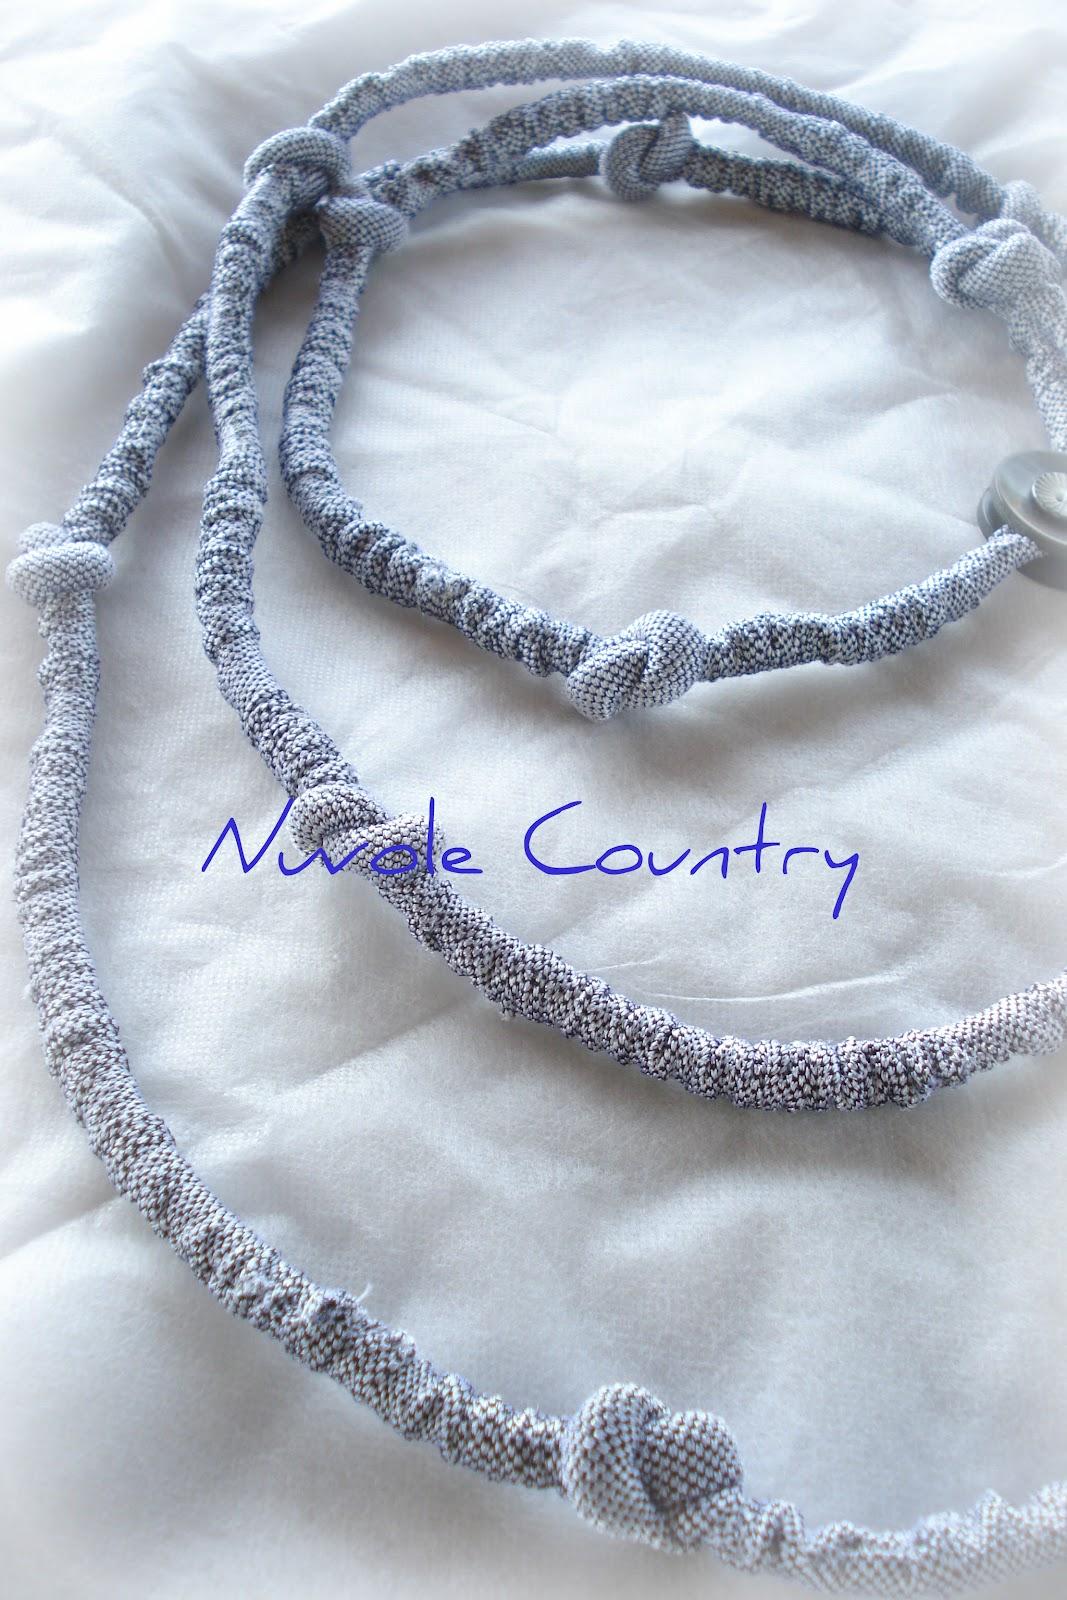 nuova collezione sezione speciale scarpe sportive Nuvole Country: nuove collane